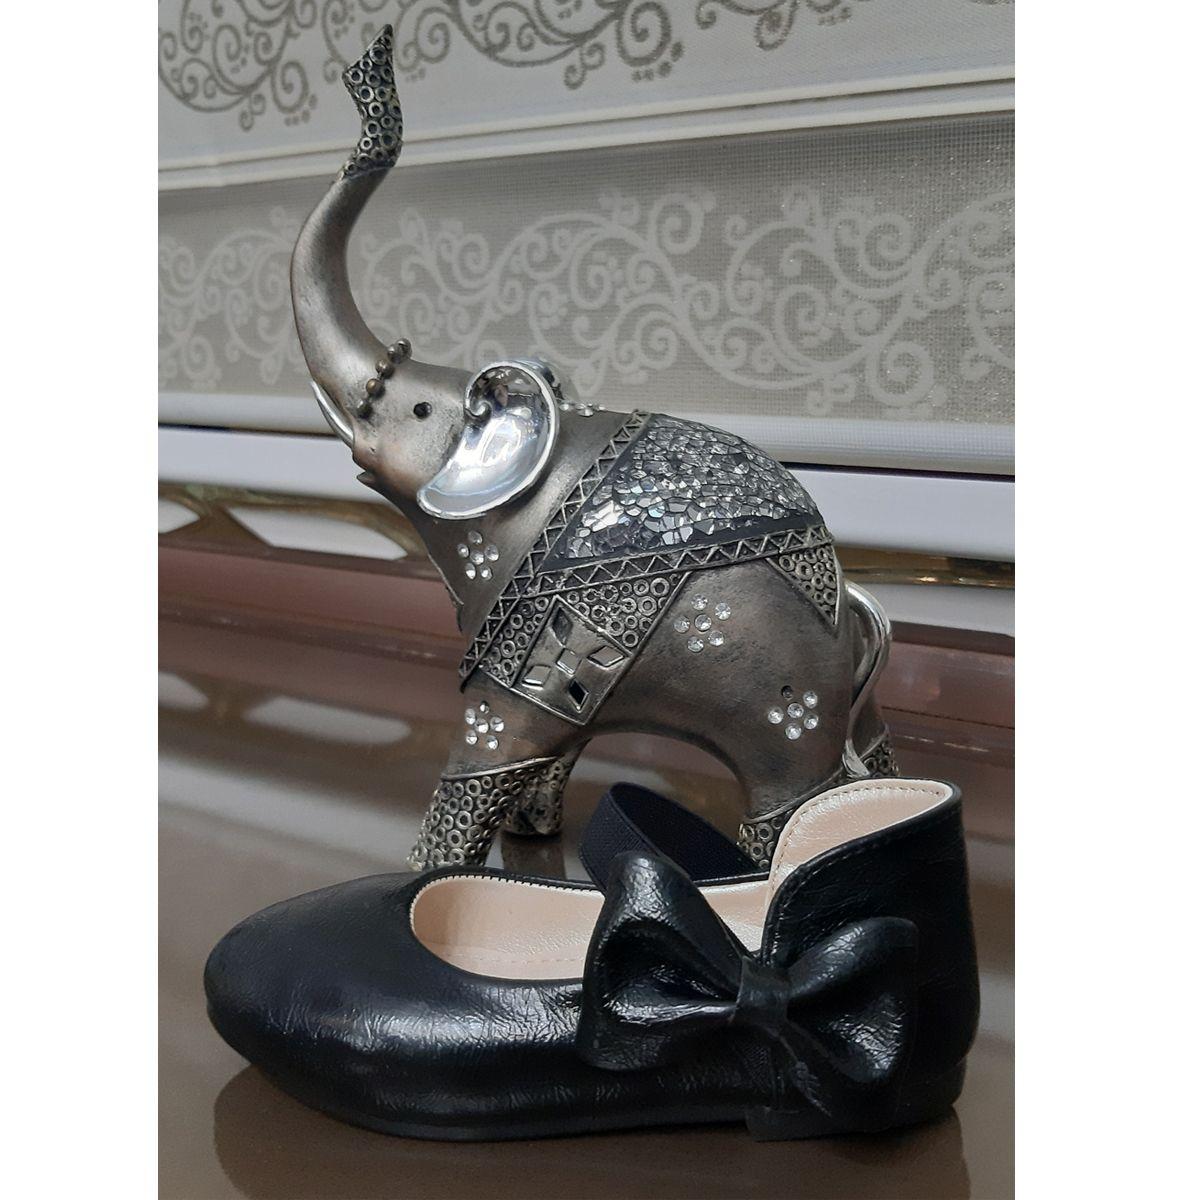 کفش دخترانه طرح پاپیون کد ta45210 -  - 4